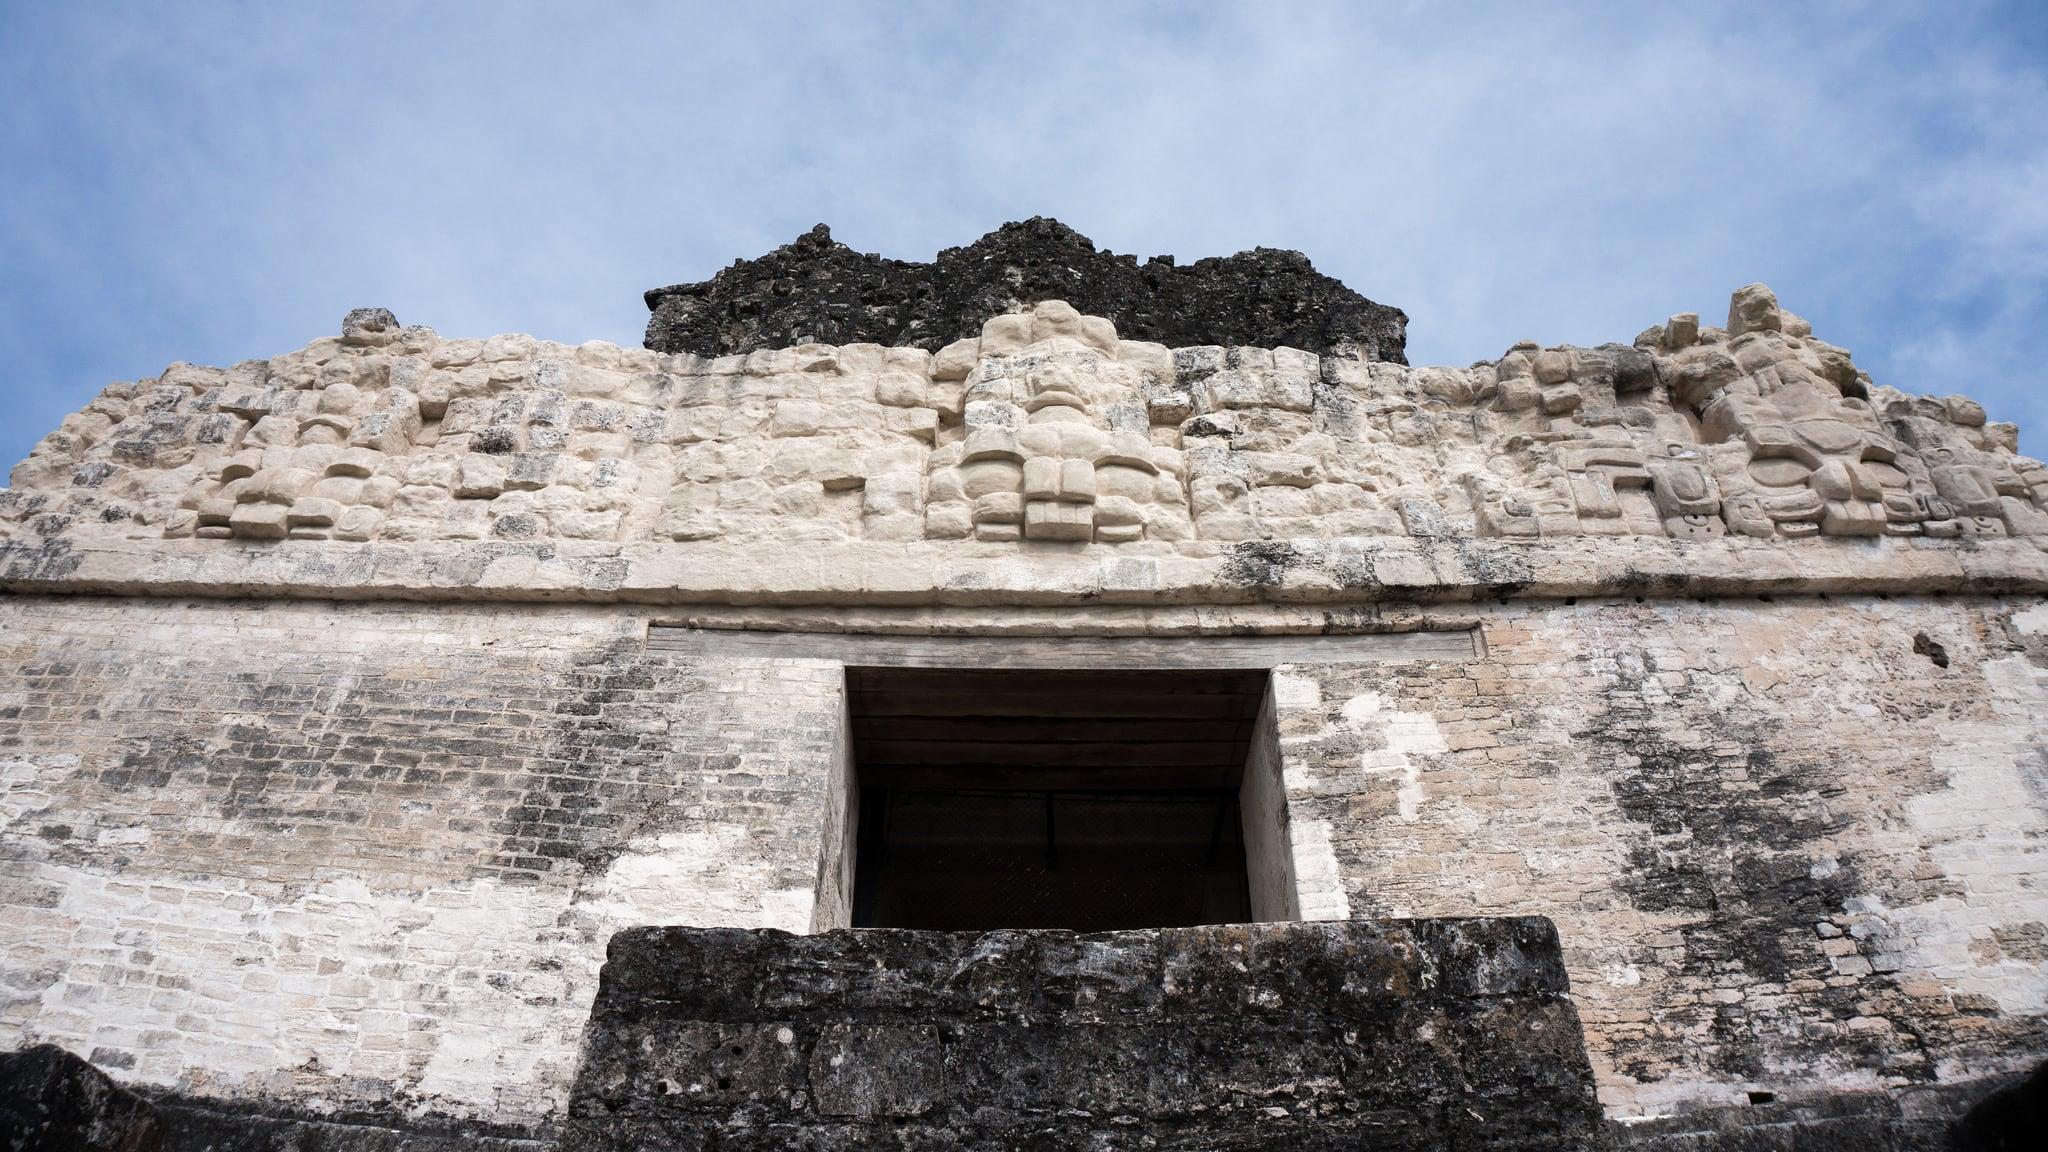 Temple II 在 Tikal 附近 的形象. guatemala tikal petén